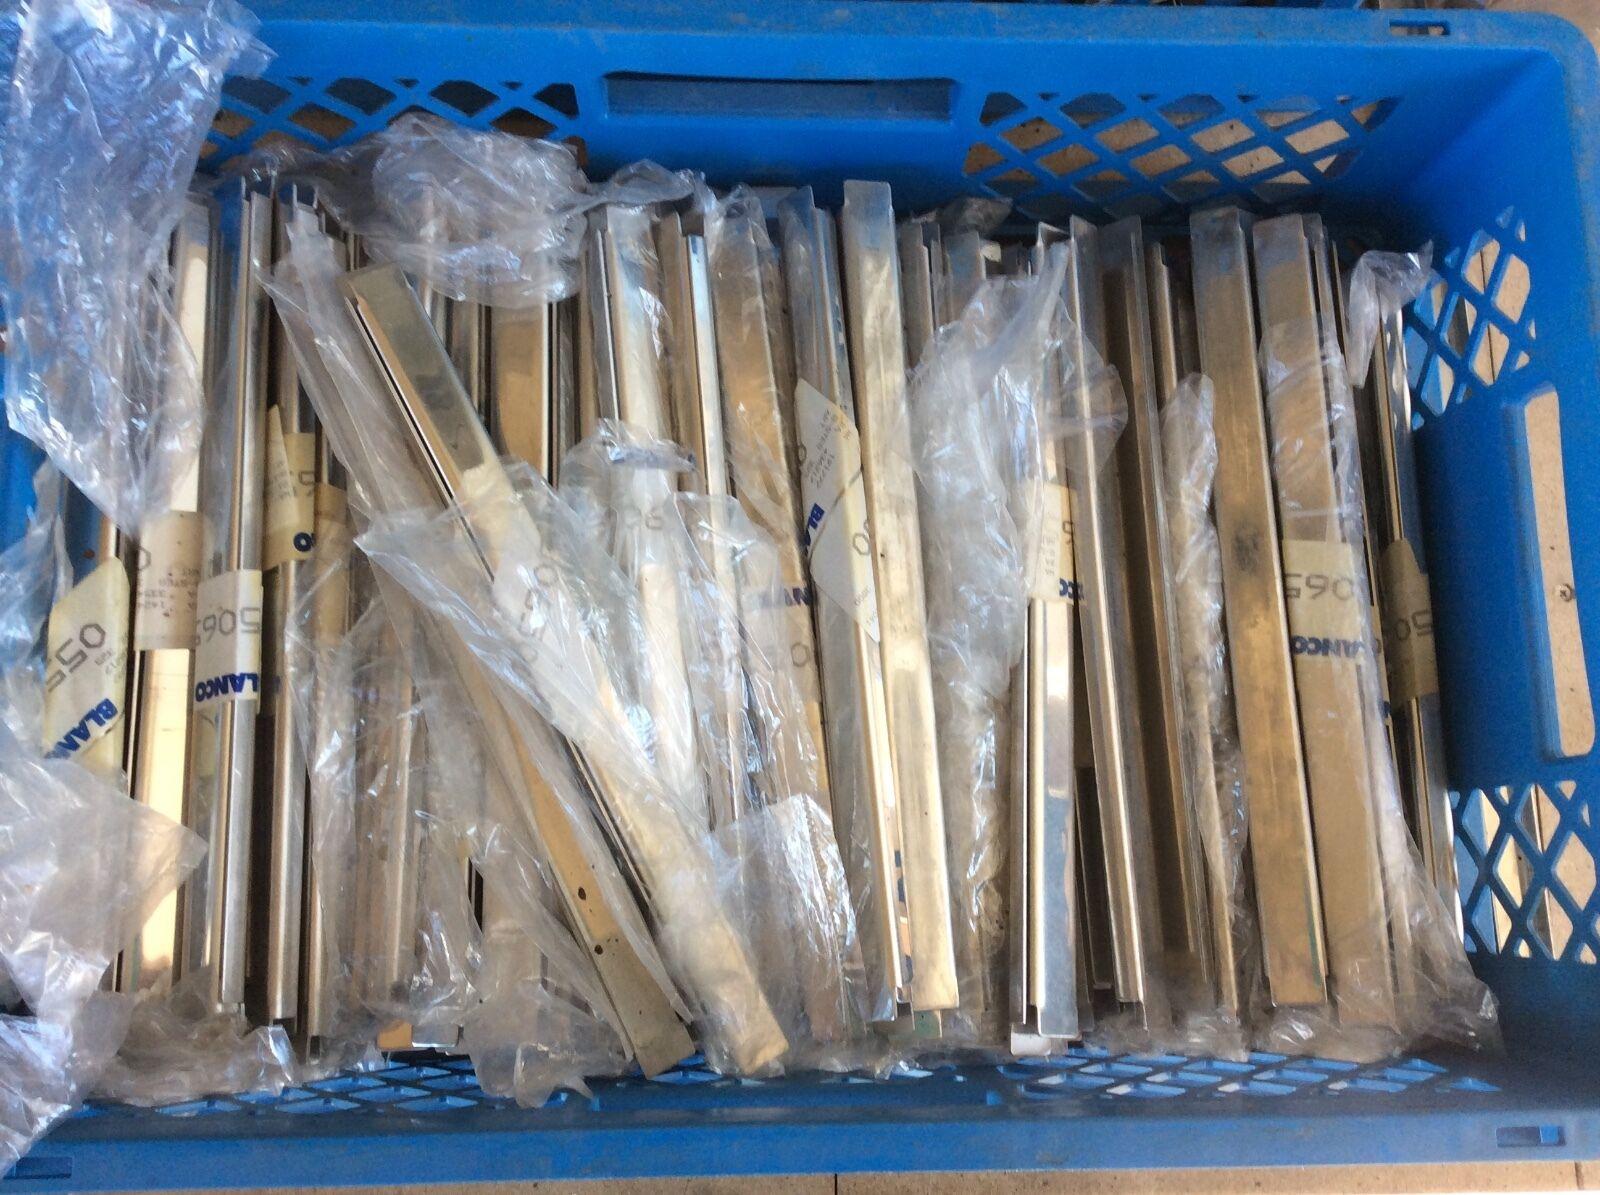 Artículos de 74 Par GN Placa de tiraje máquinas U 1 1GN 32,5 x 2cm de blancoo